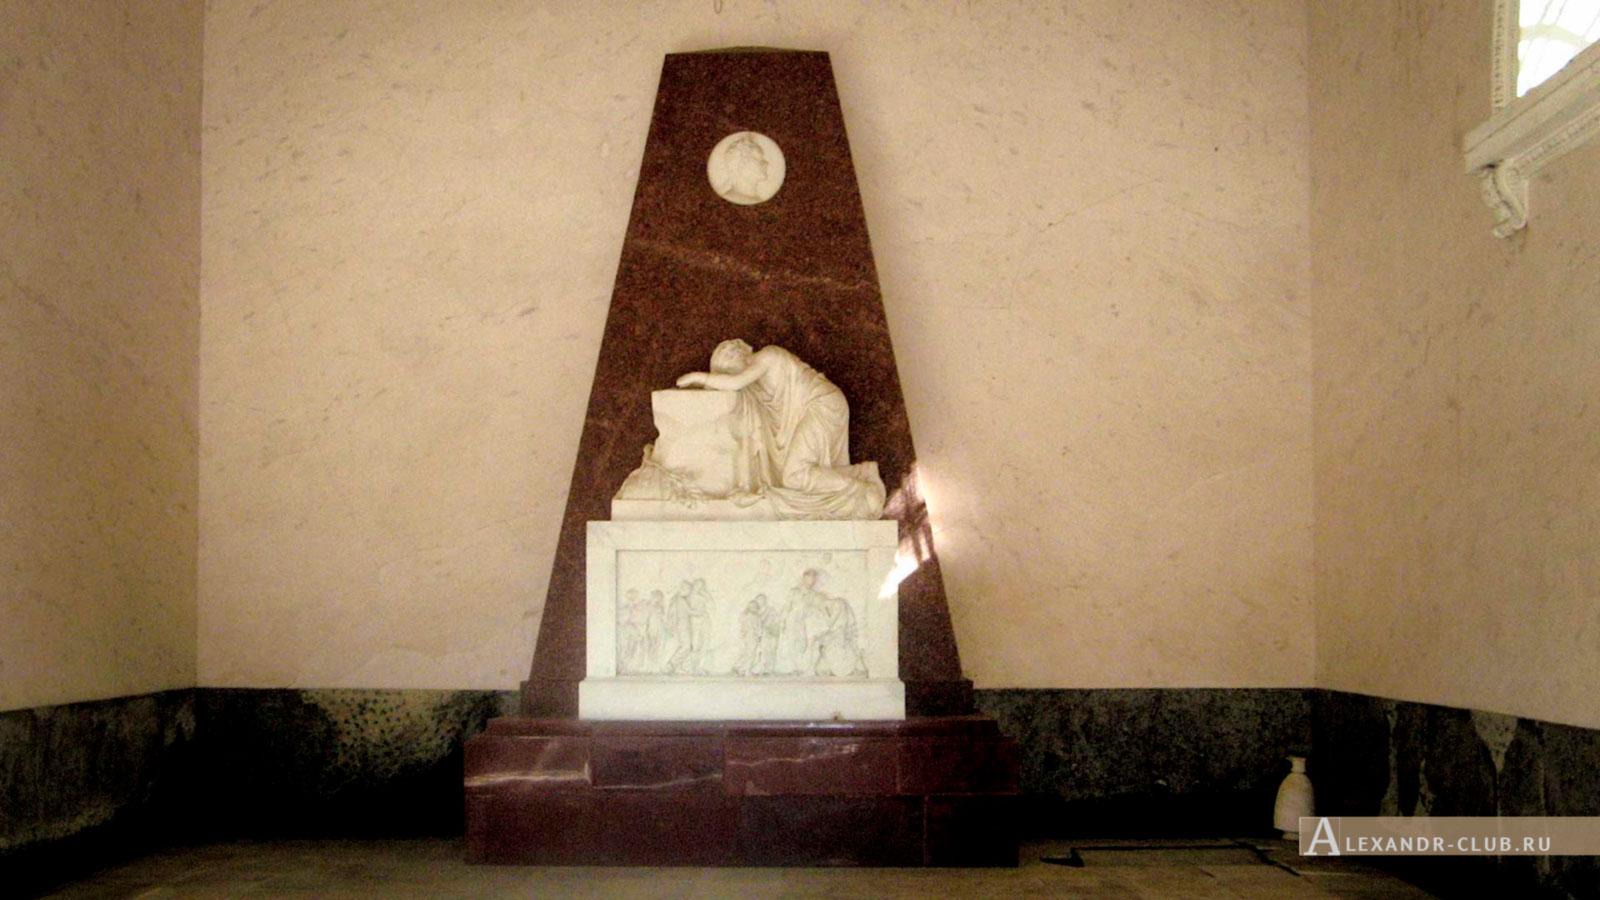 Павловский парк, мемориальный памятник в мавзолее «Супругу-благодетелю»